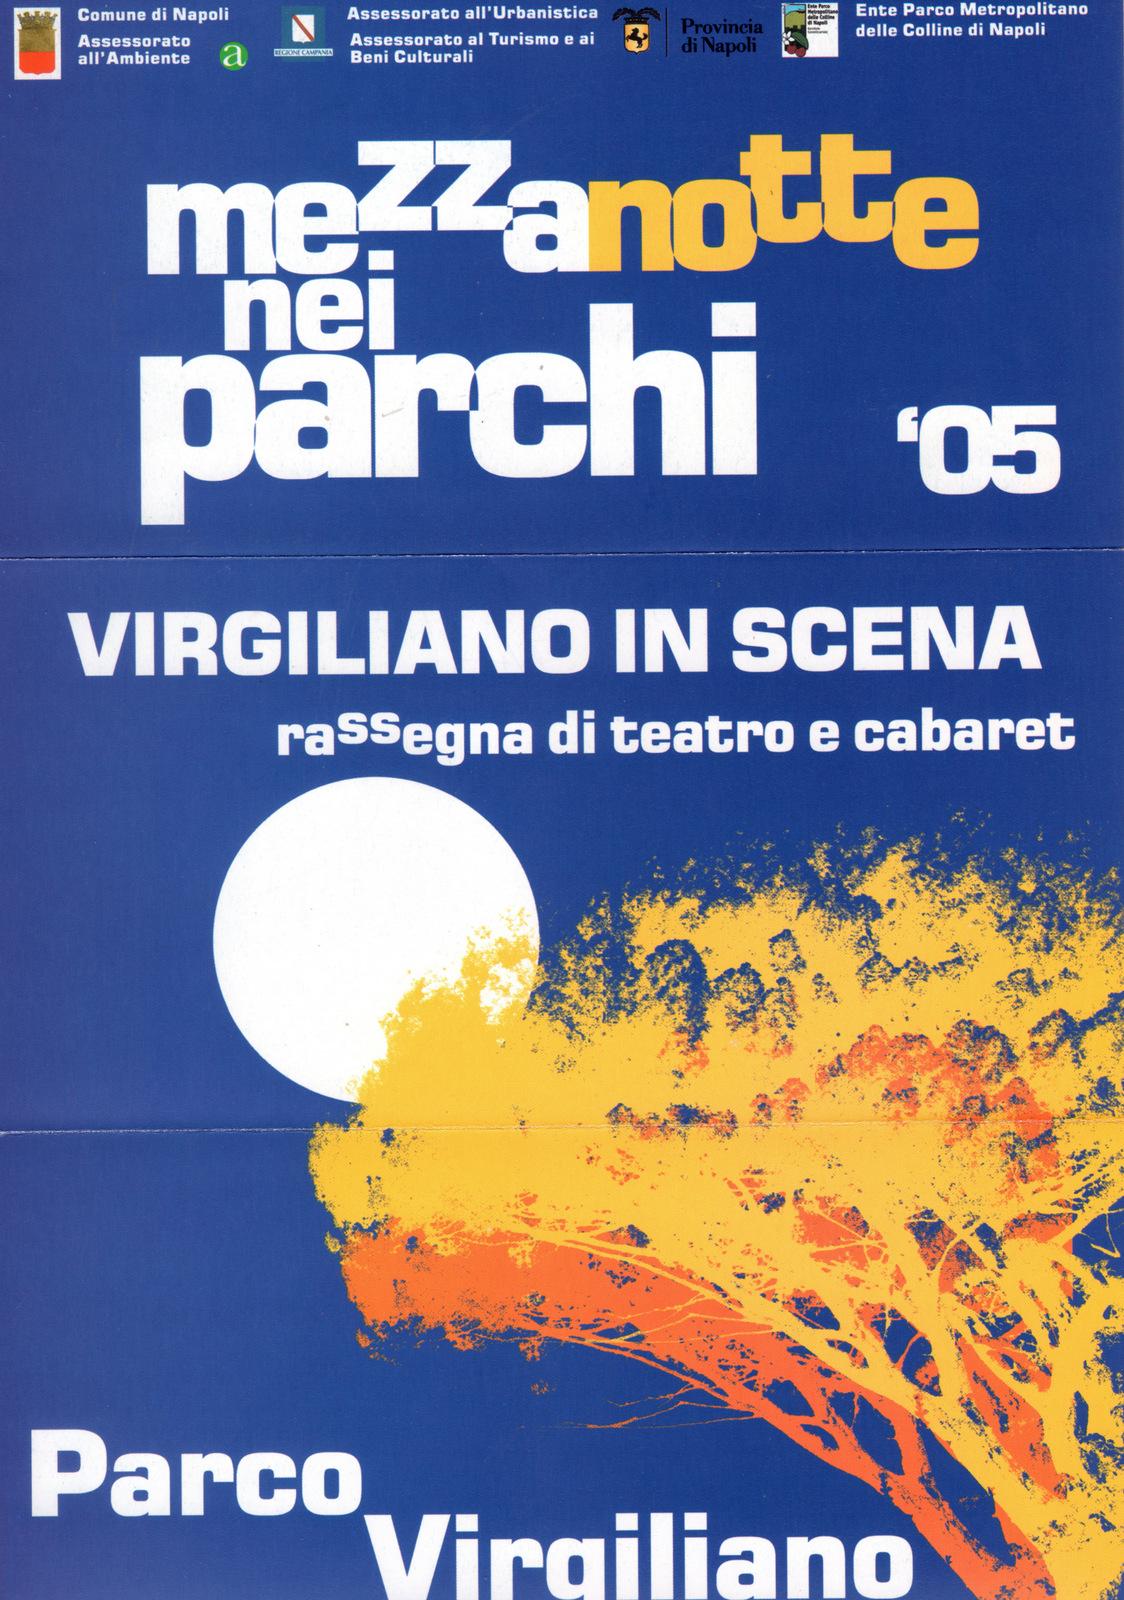 Virgiliano in scena 2005